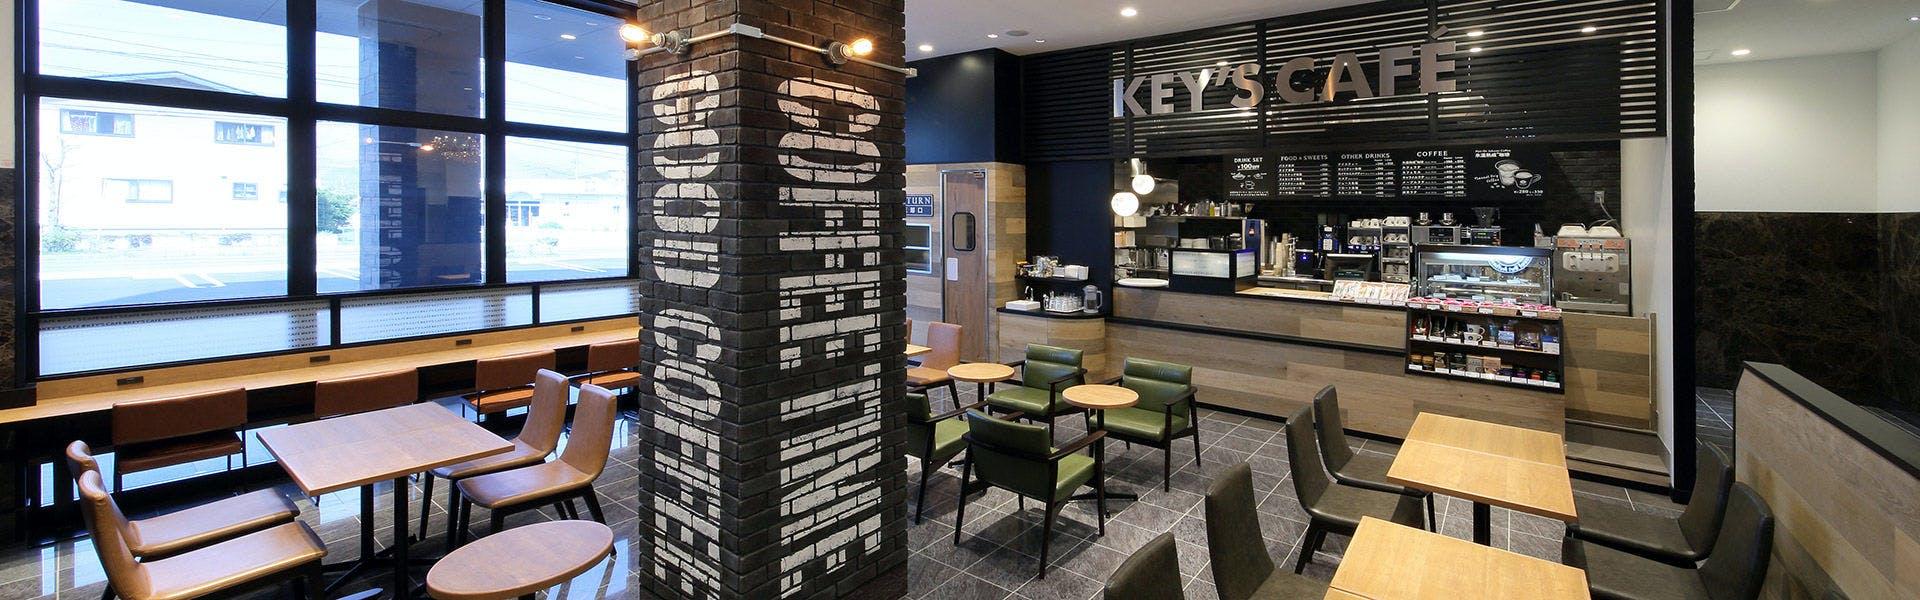 キーズカフェ